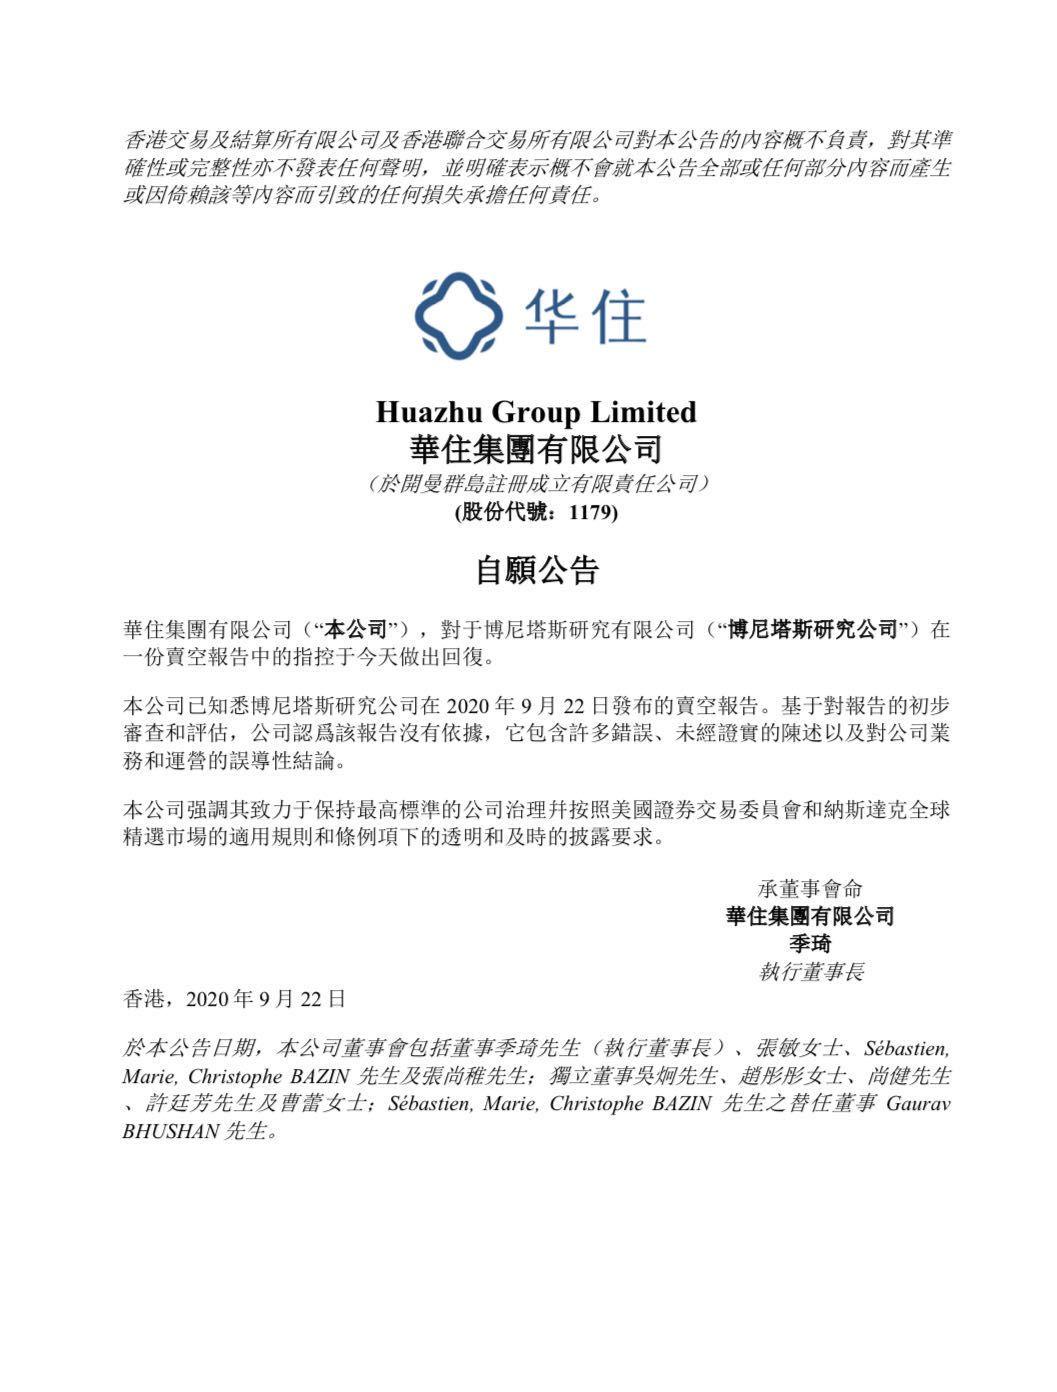 挂牌前夜遭沽空,华住集团港股上市首日开涨超4.5%图片